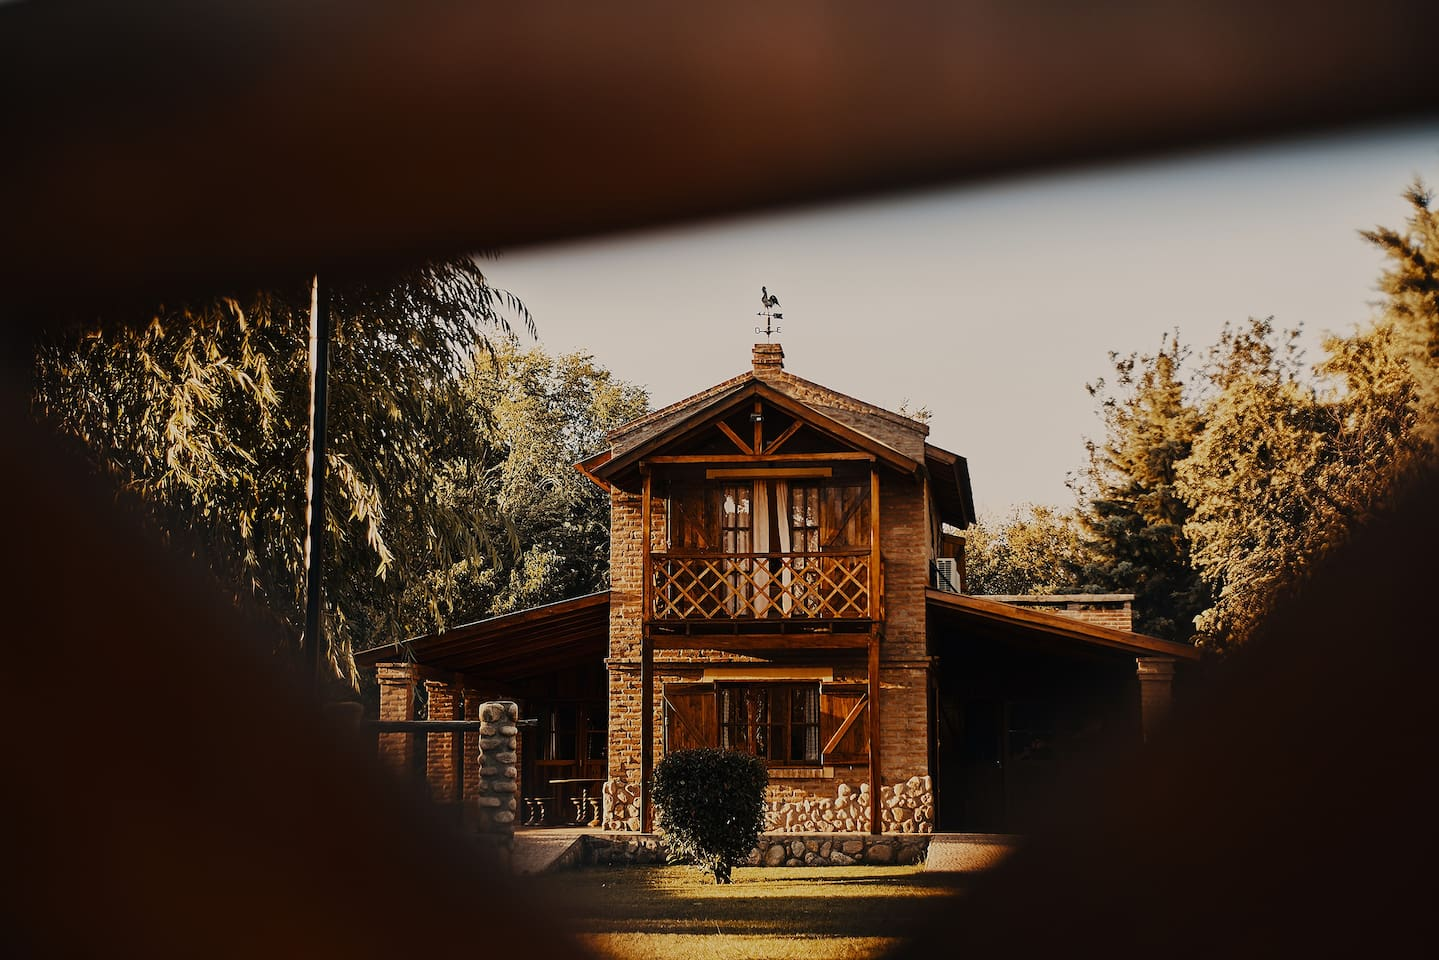 Laday Casa de Campo